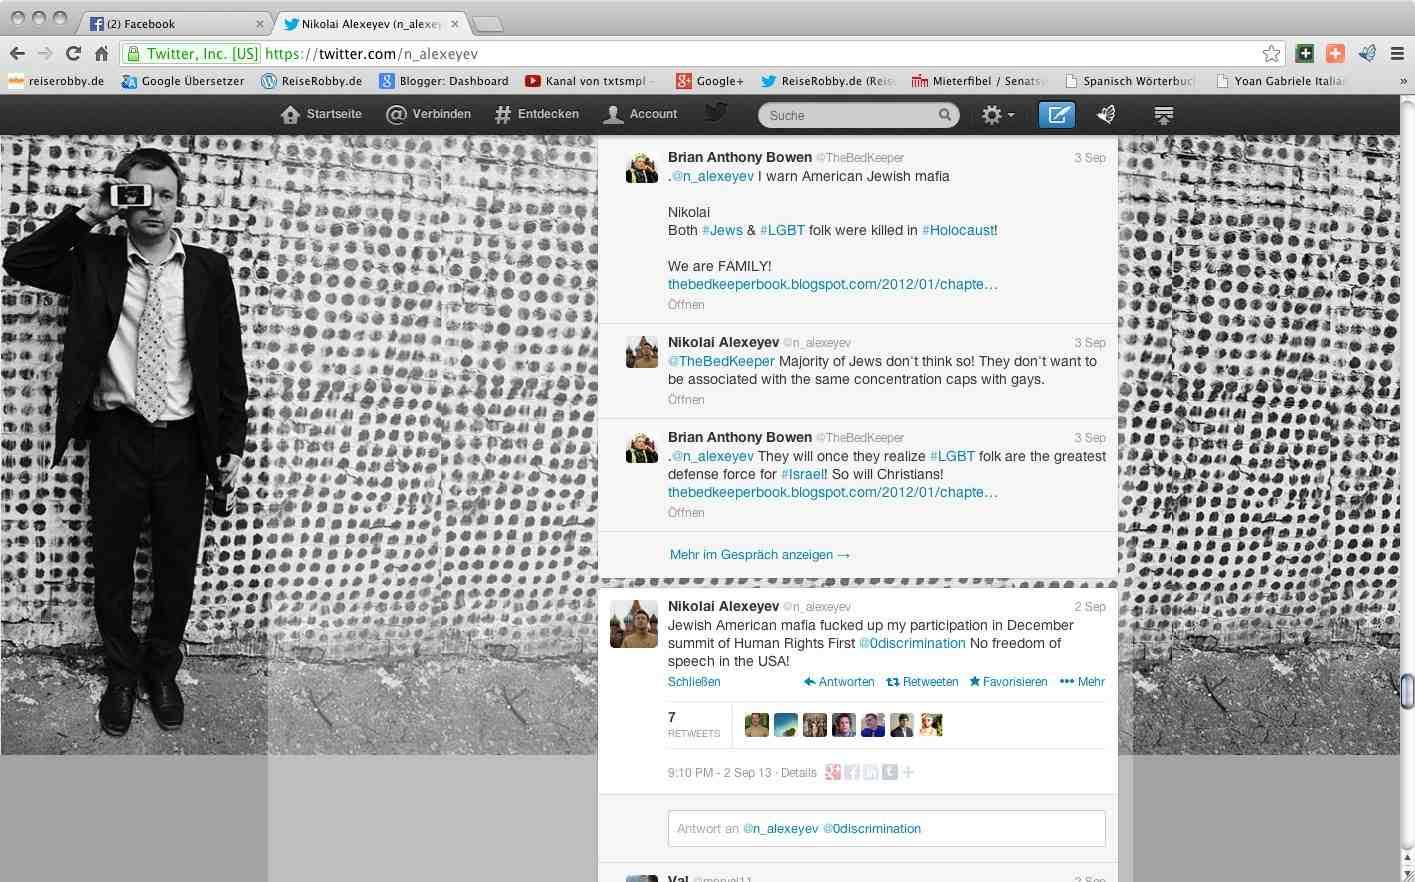 ergeht sich auf seinem Twitter-Account in antisemitischer Sudelsprache